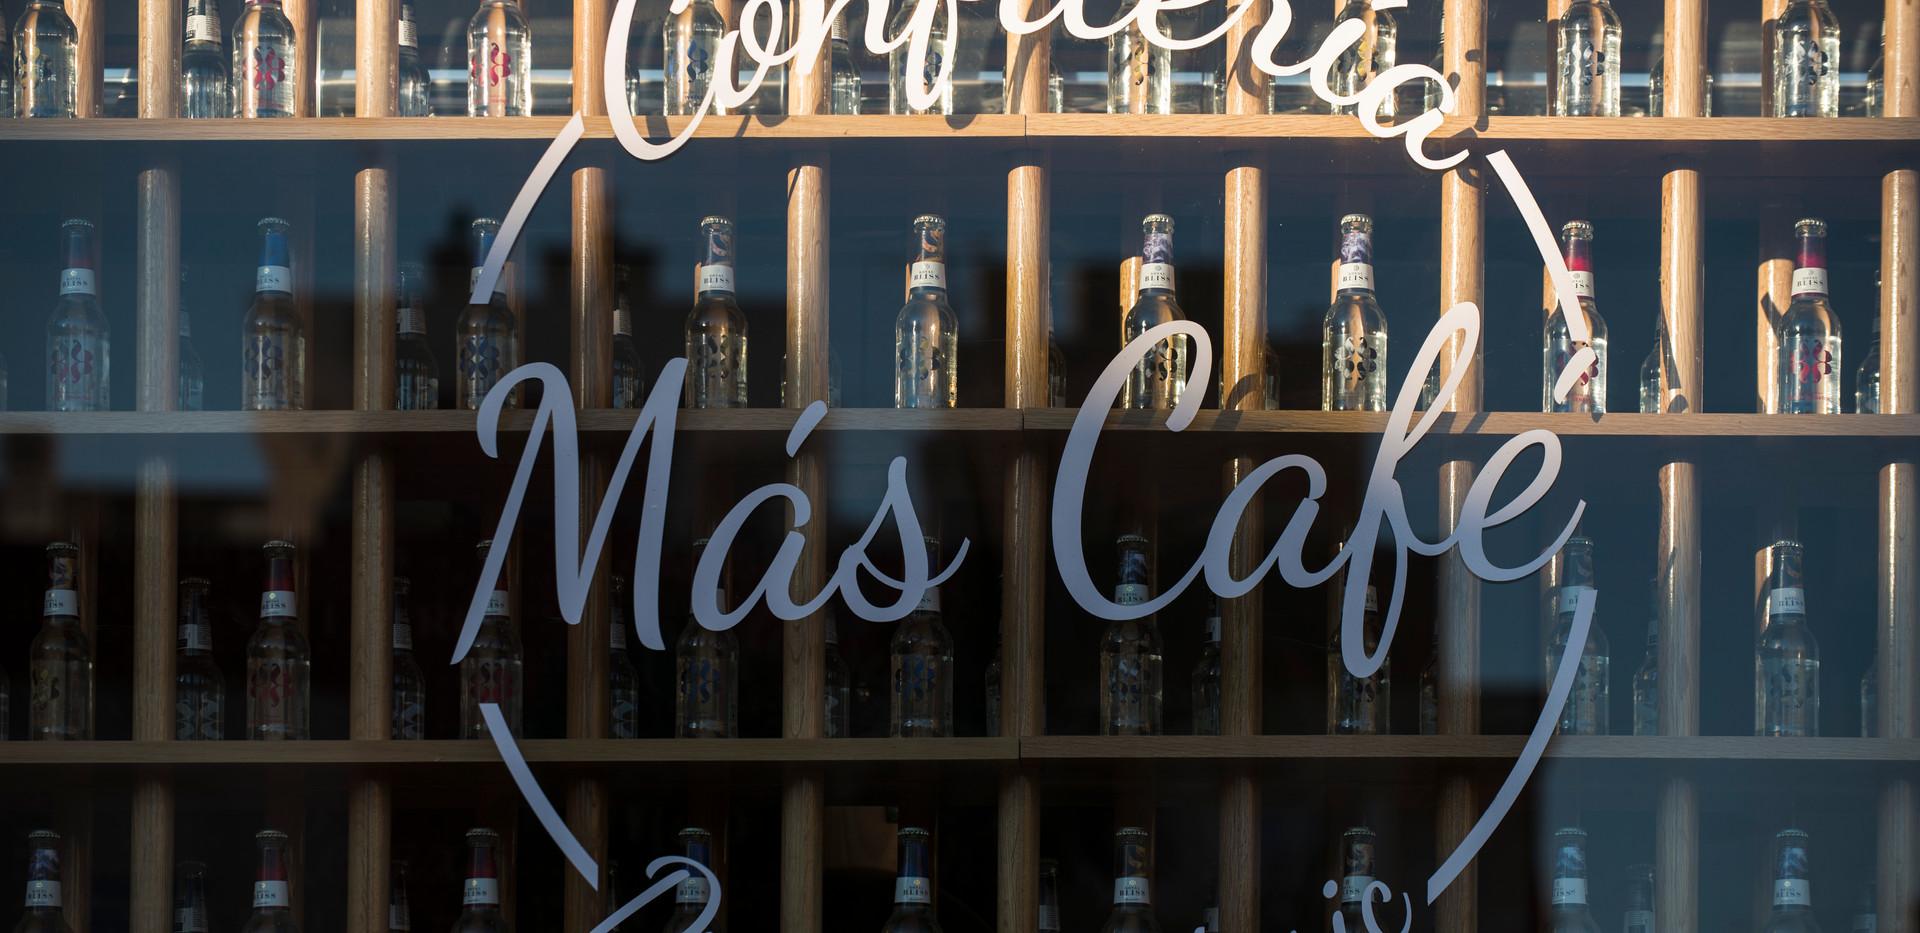 Mas_Cafe_005.jpg